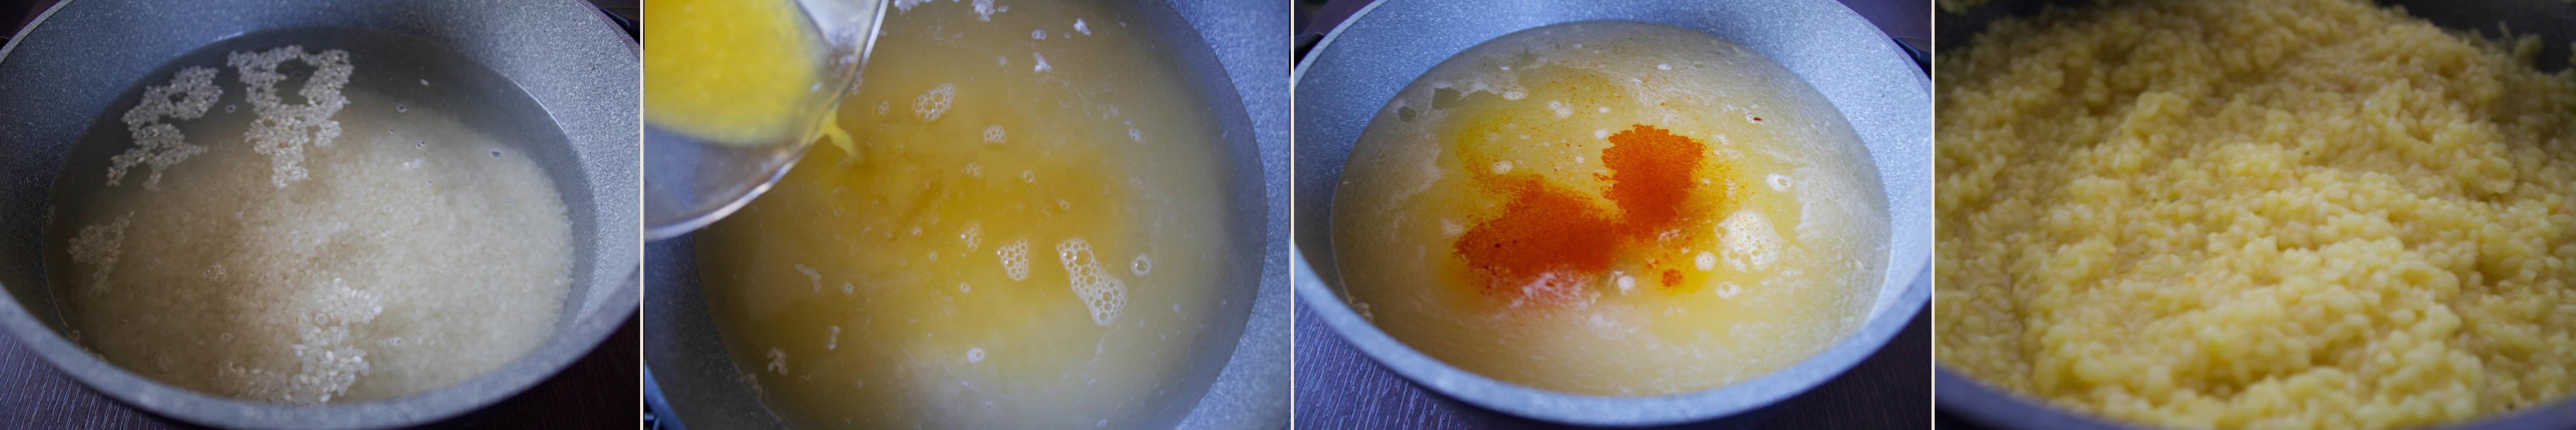 arancine-al-burro-salato-e-arancia_preparazione